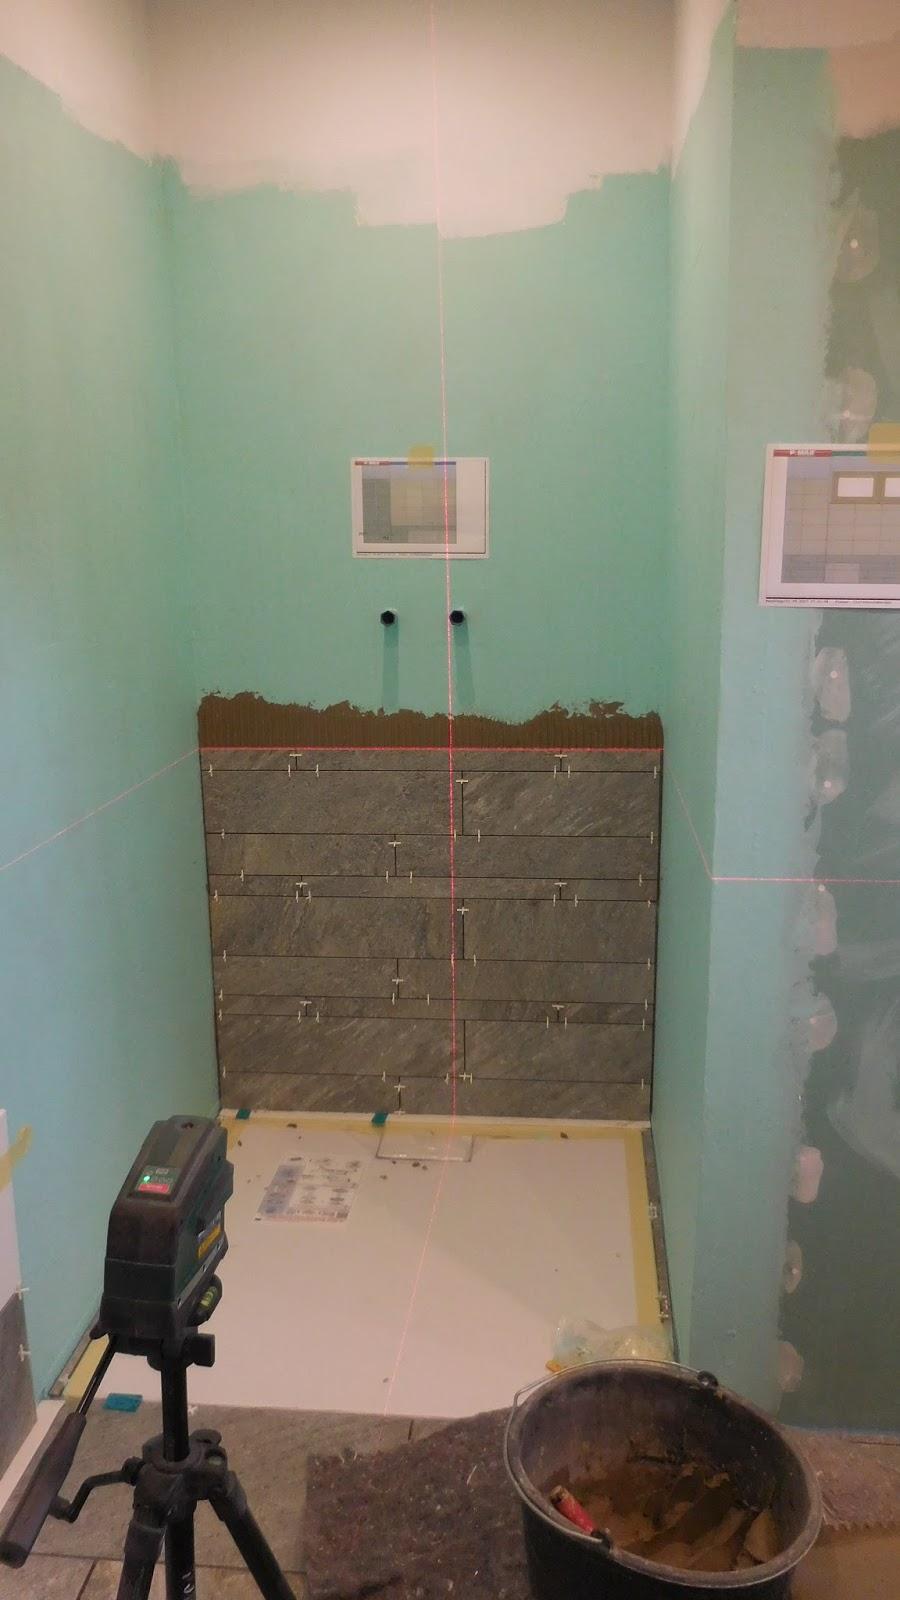 Schroli S Baublog Badezimmer Verfliesen